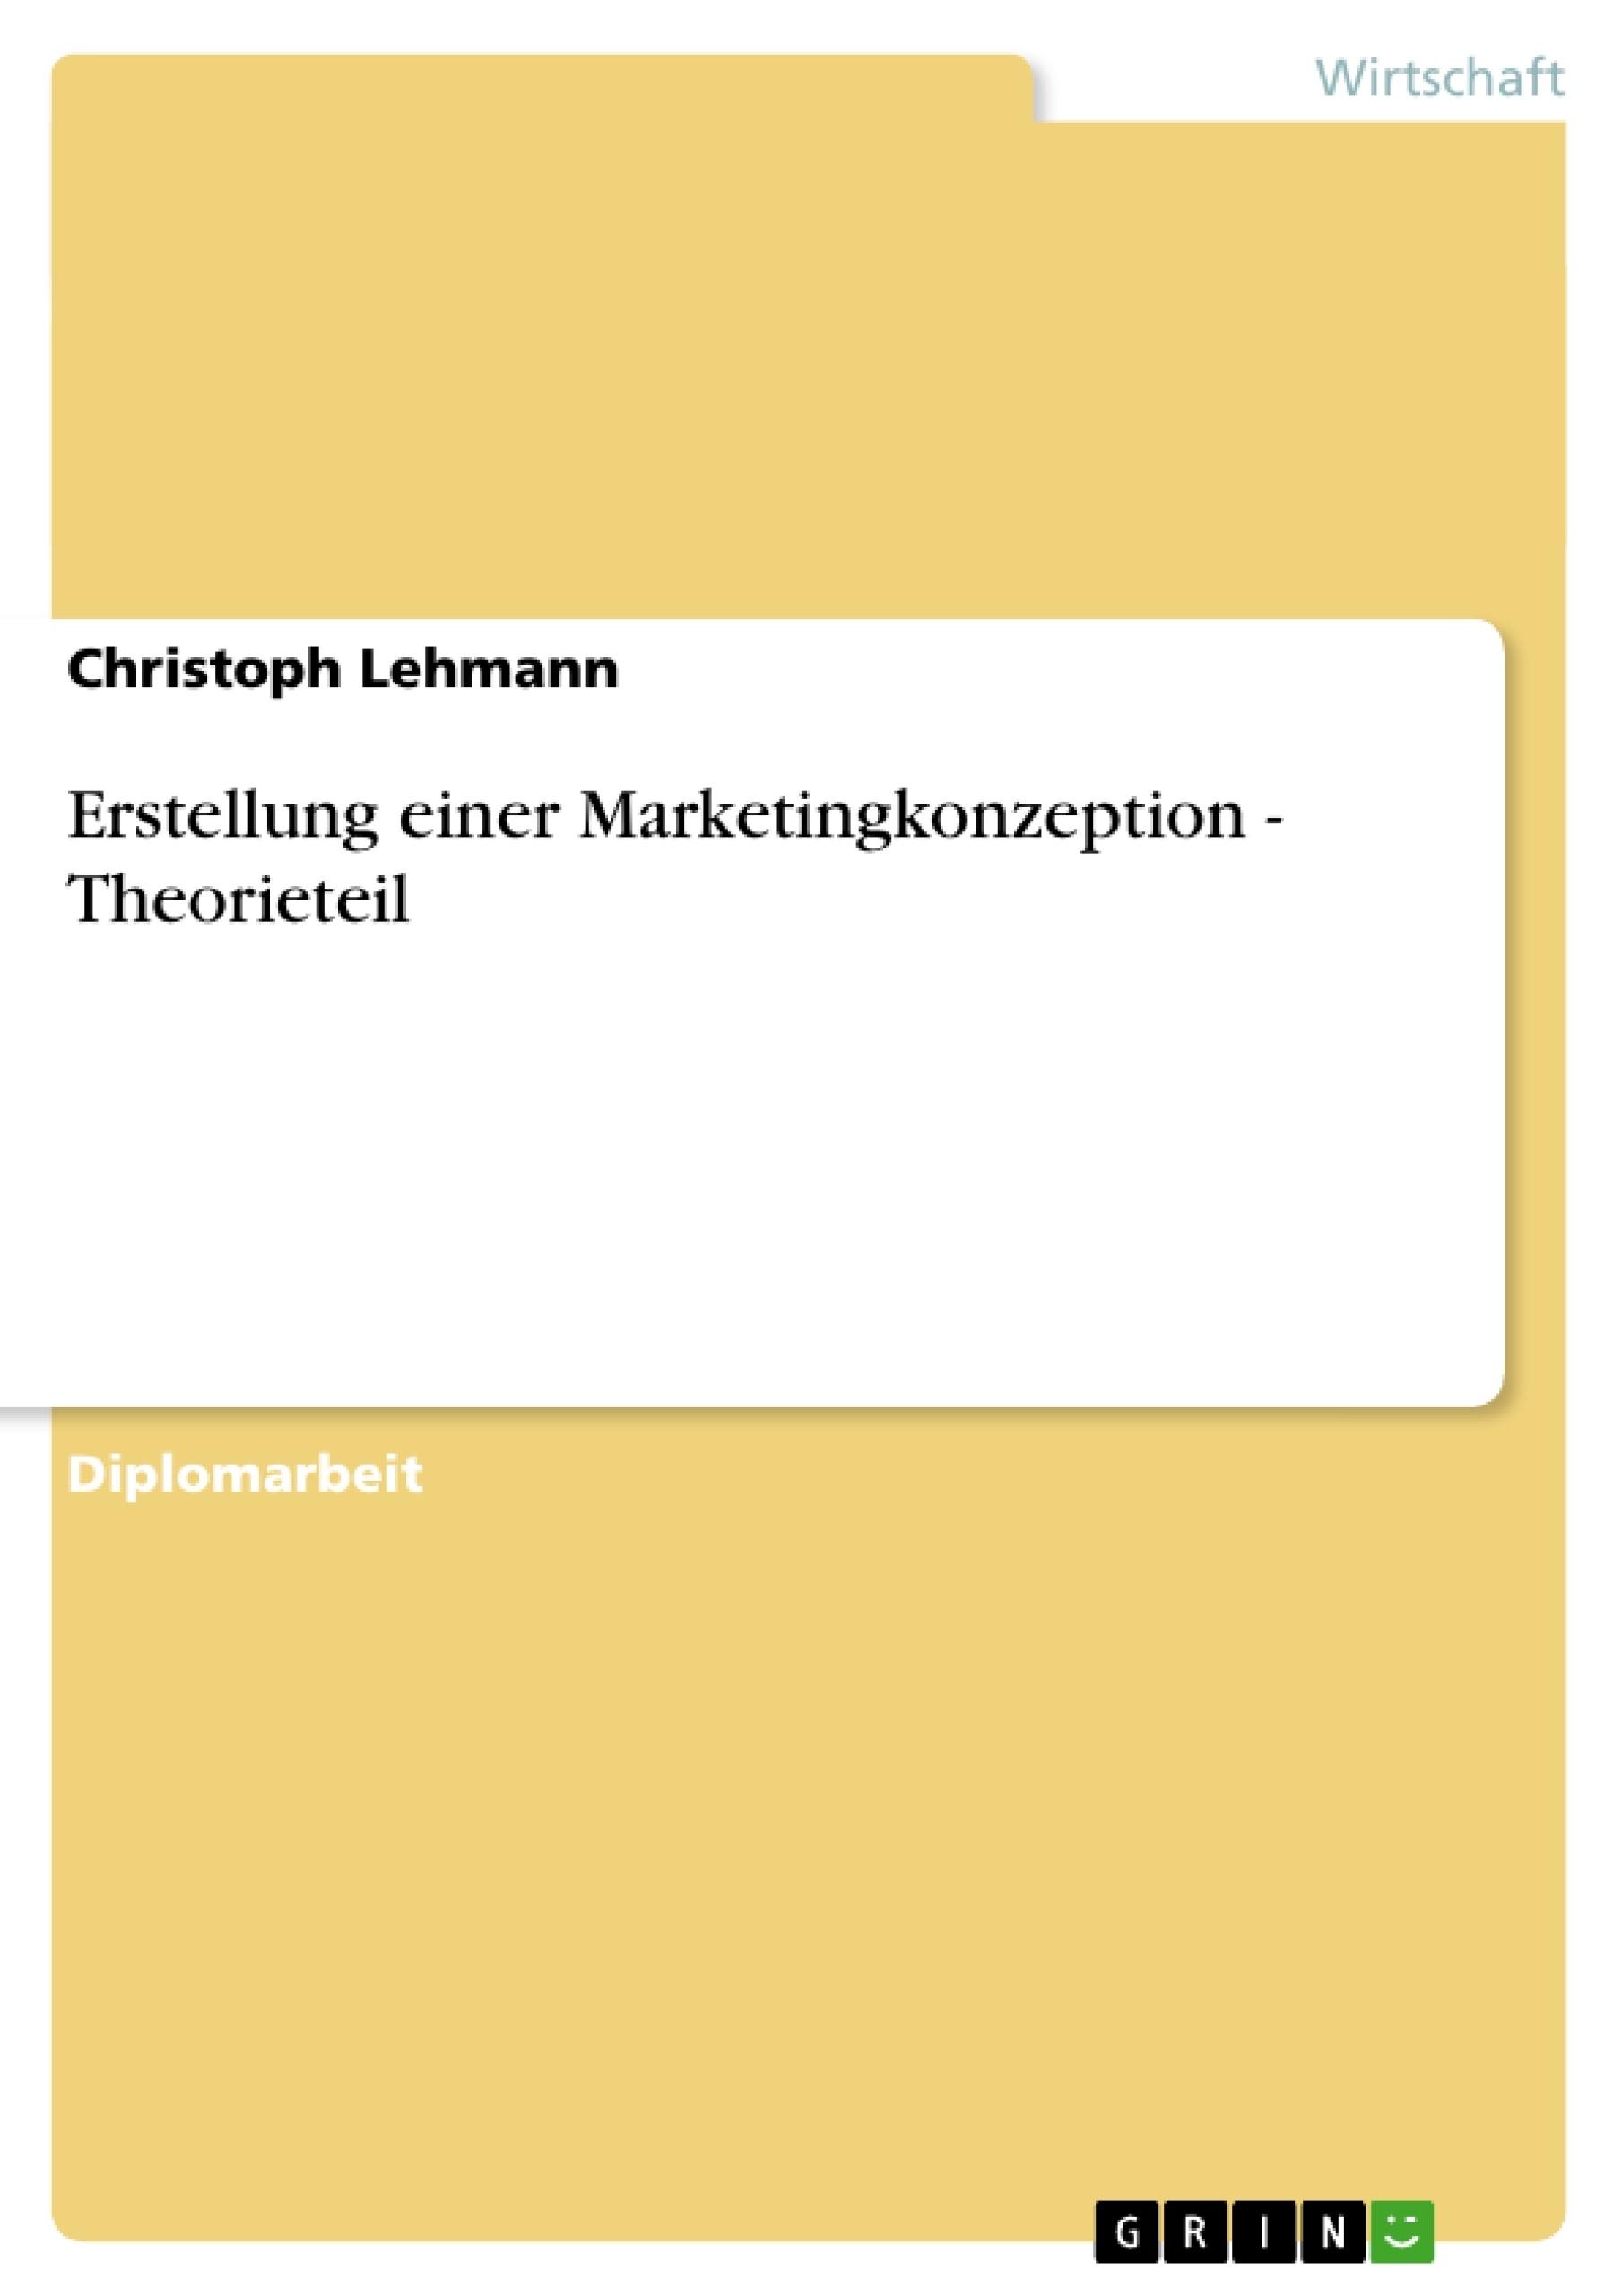 Titel: Erstellung einer Marketingkonzeption - Theorieteil